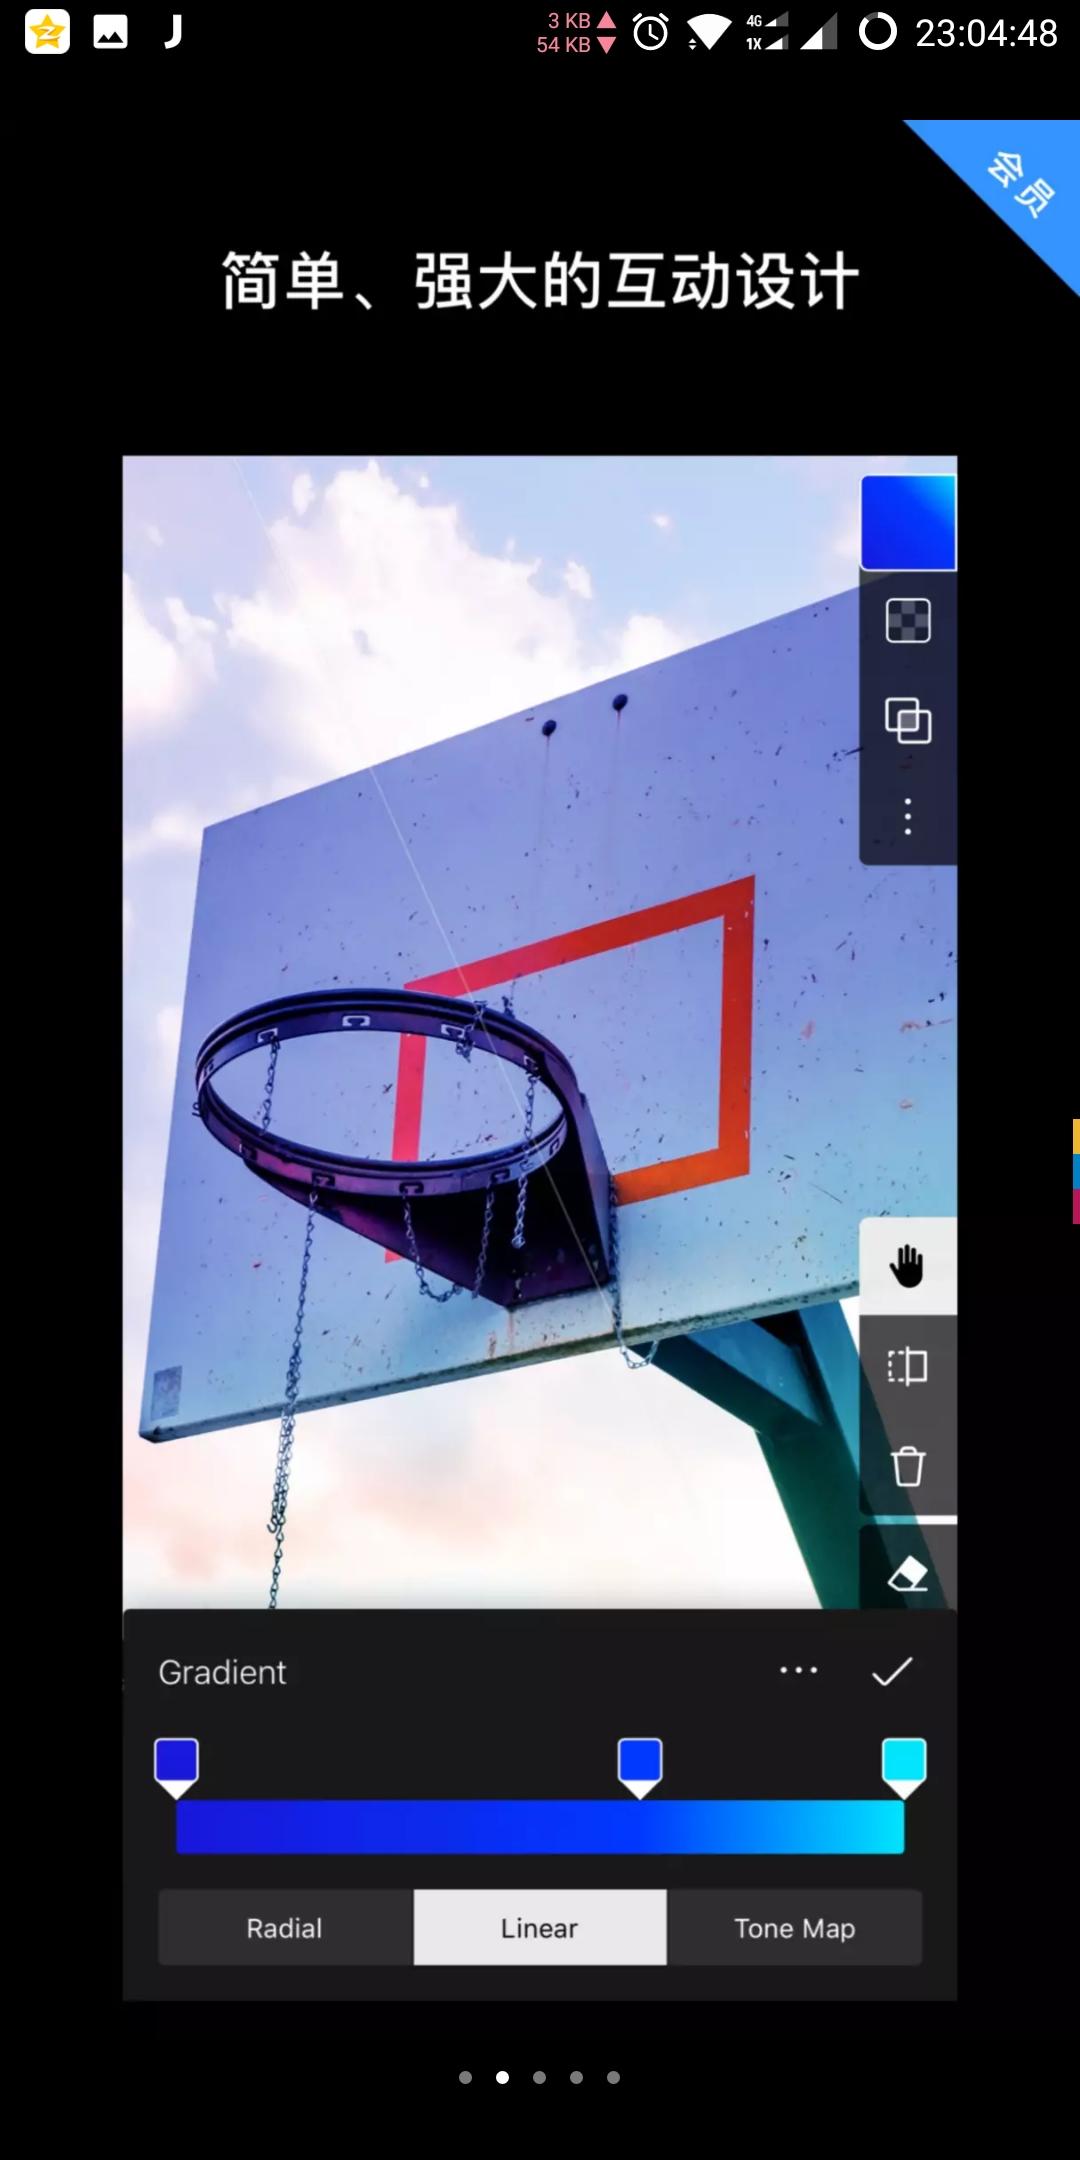 Screenshot_20180523-230448.jpg